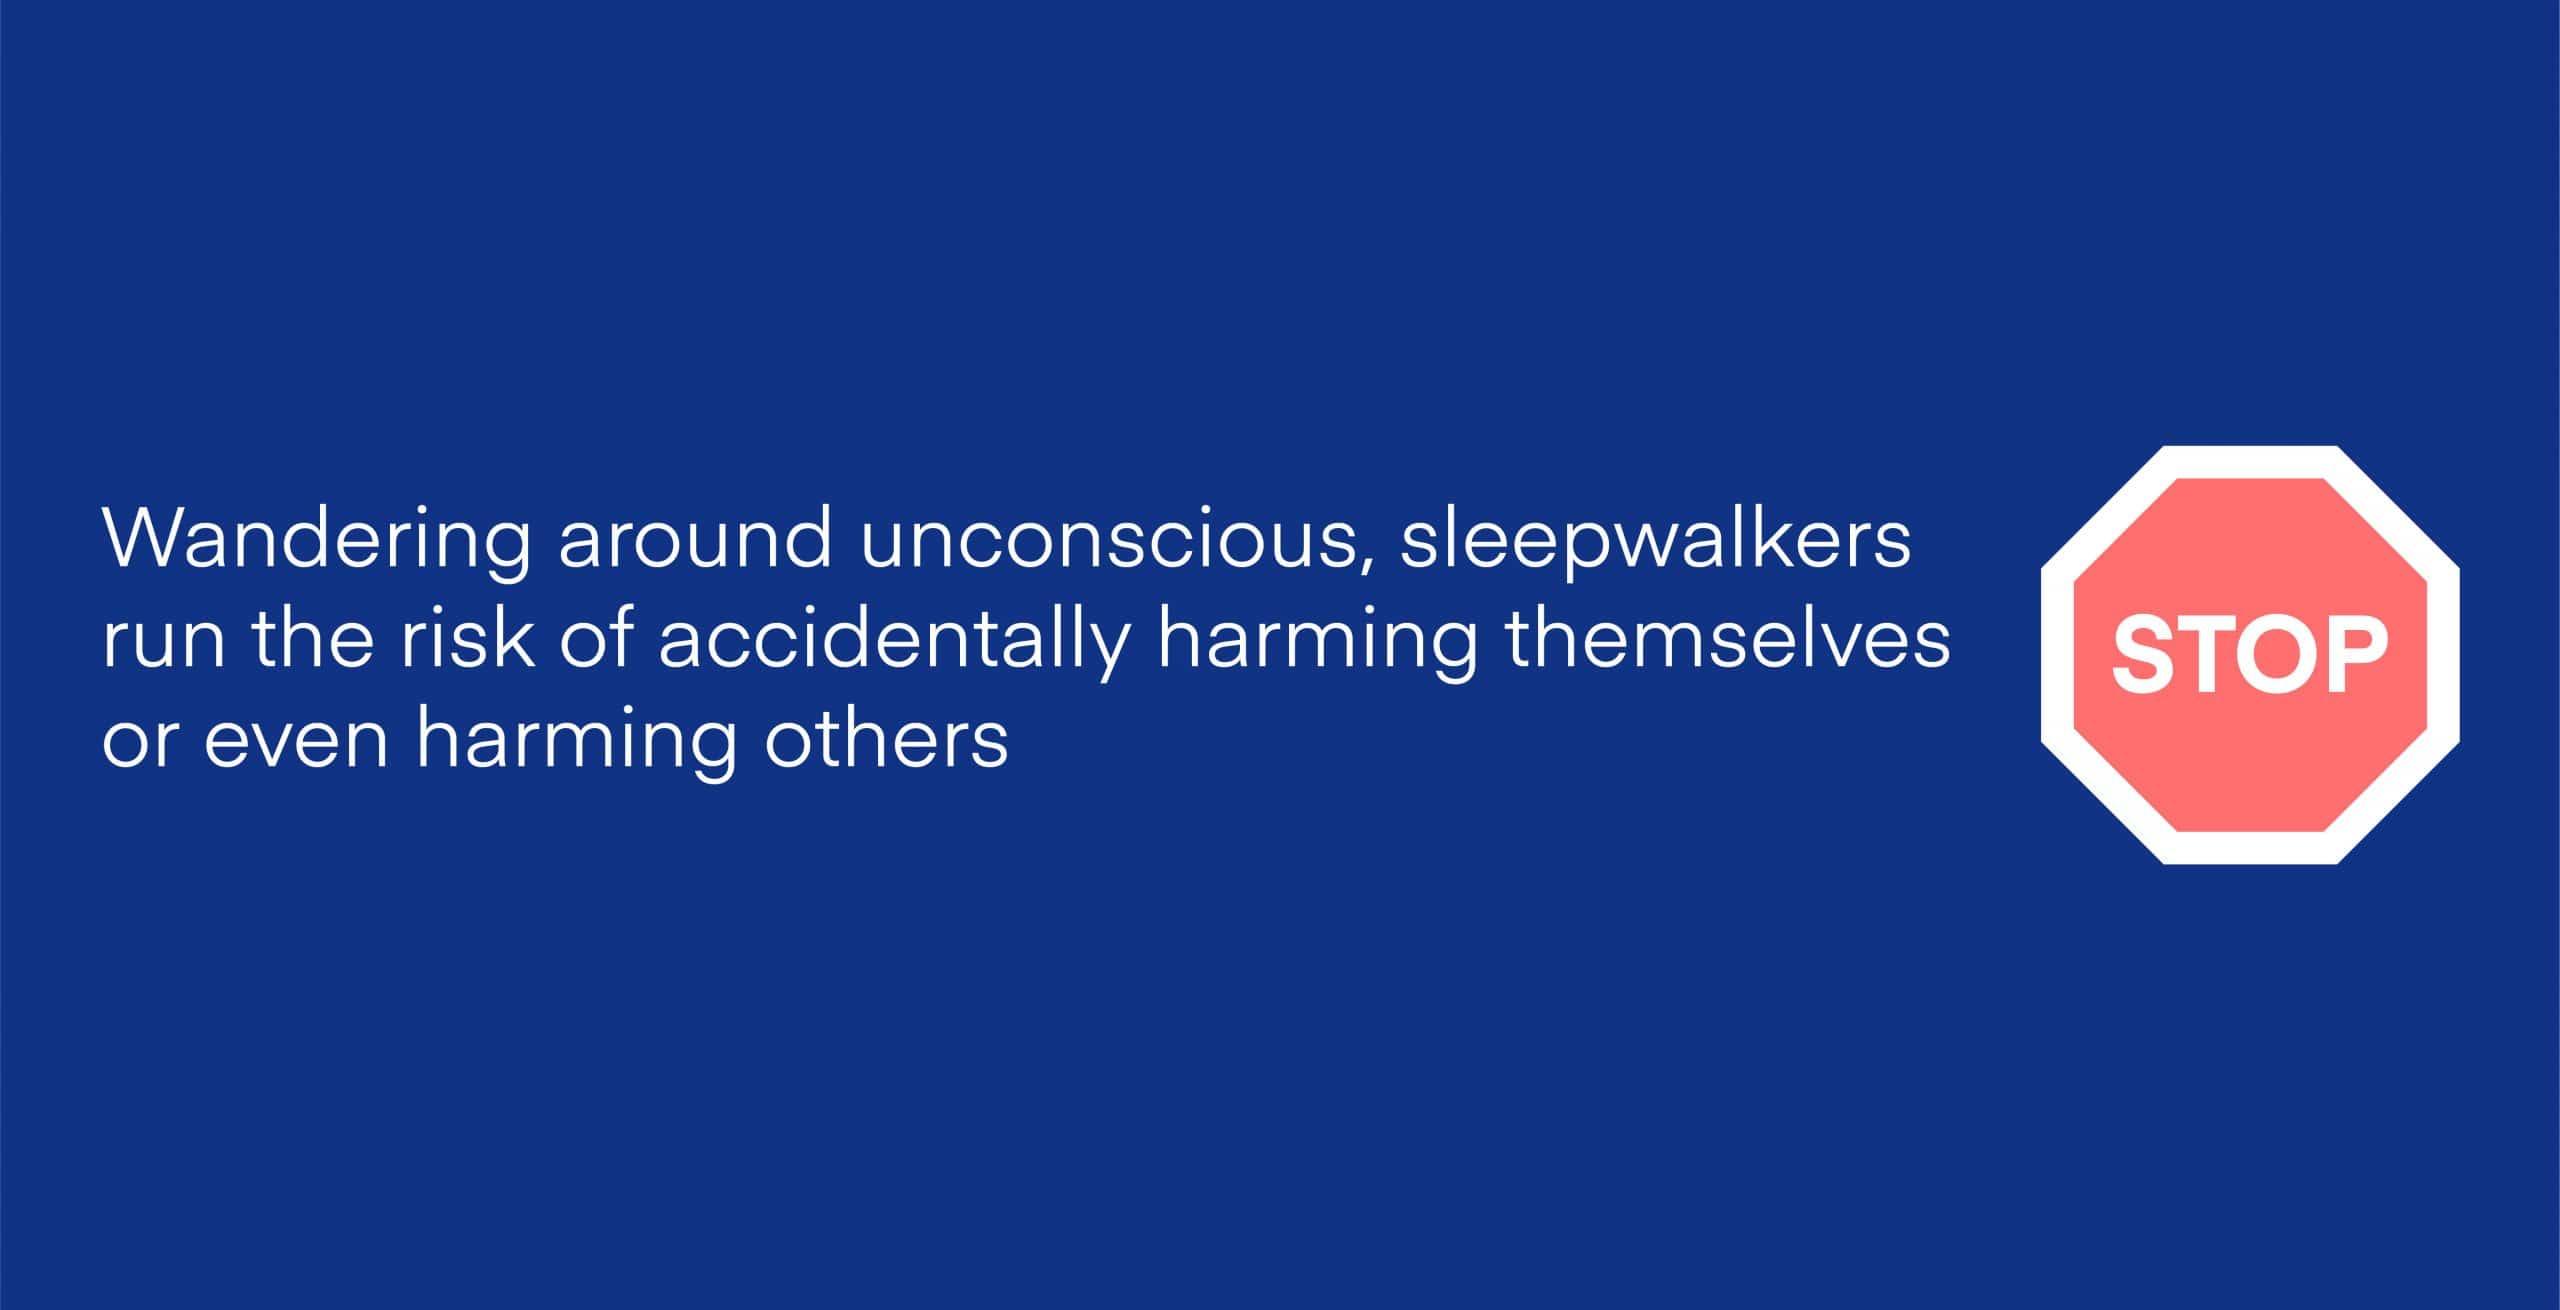 Preventing Sleepwalking